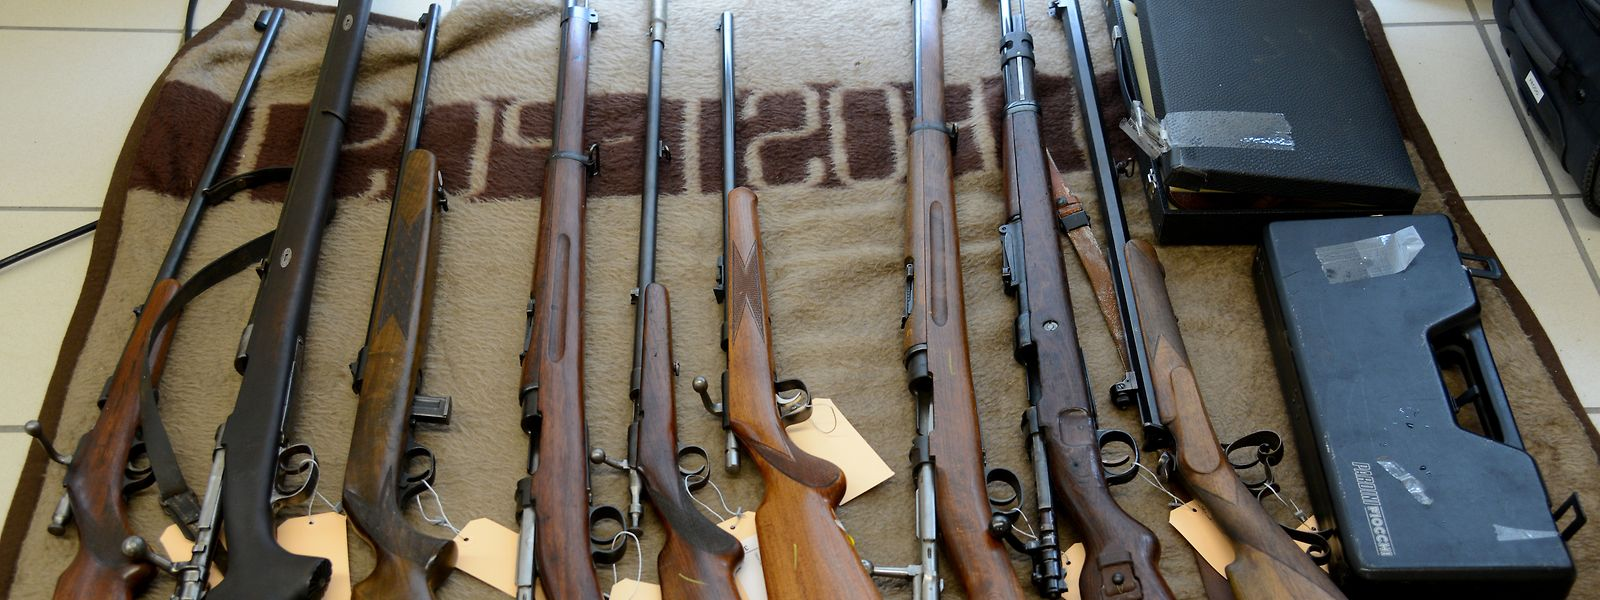 """Bei einem Waffen- und Sprengstoffhändler, der der """"Reichsbürgerszene"""" zugeordnet wird, werden Wohn- und Geschäftsräume durchsucht mit dem Ziel, alle auffindbaren Waffen, Munition und Sprengstoffe sicherzustellen."""